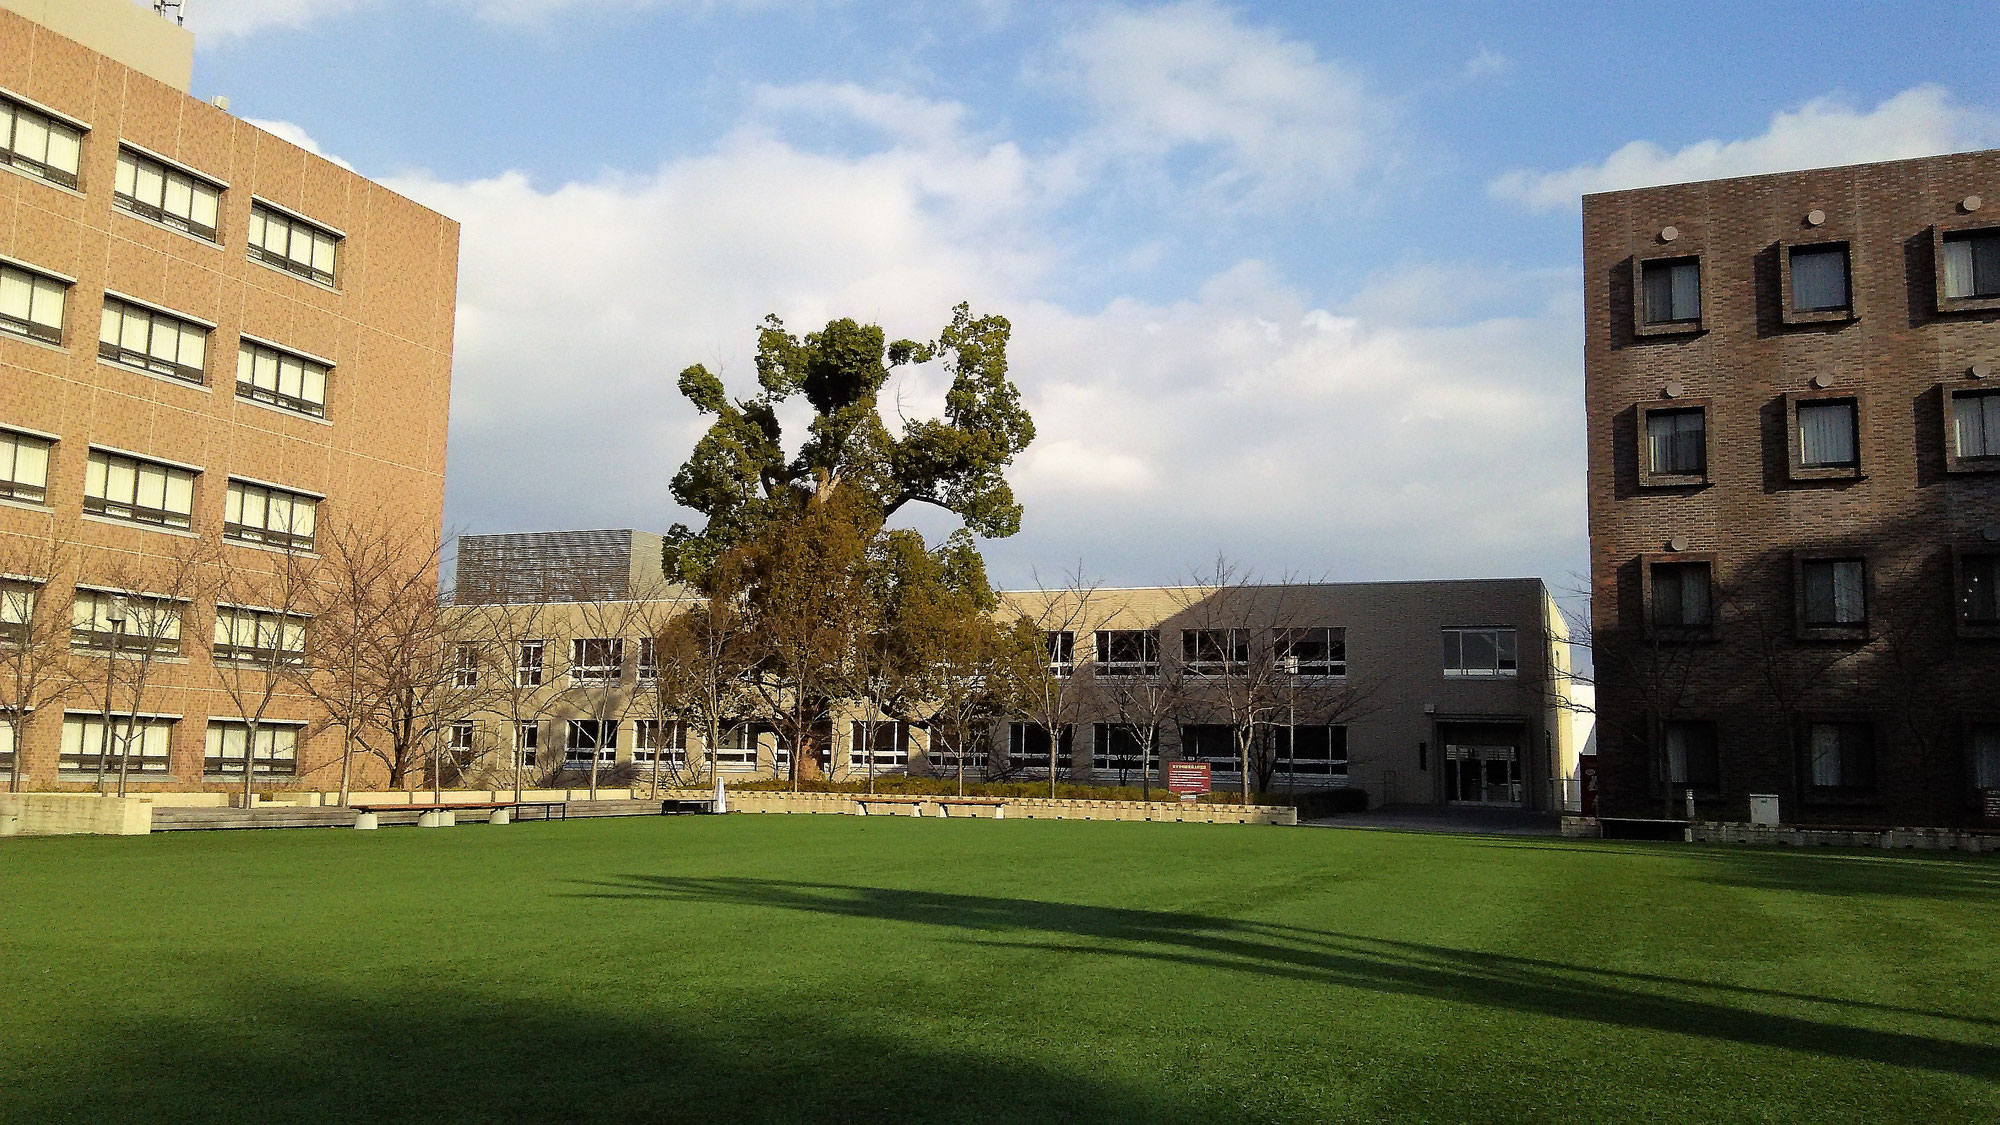 Lms かんだ い 関西大学図書館